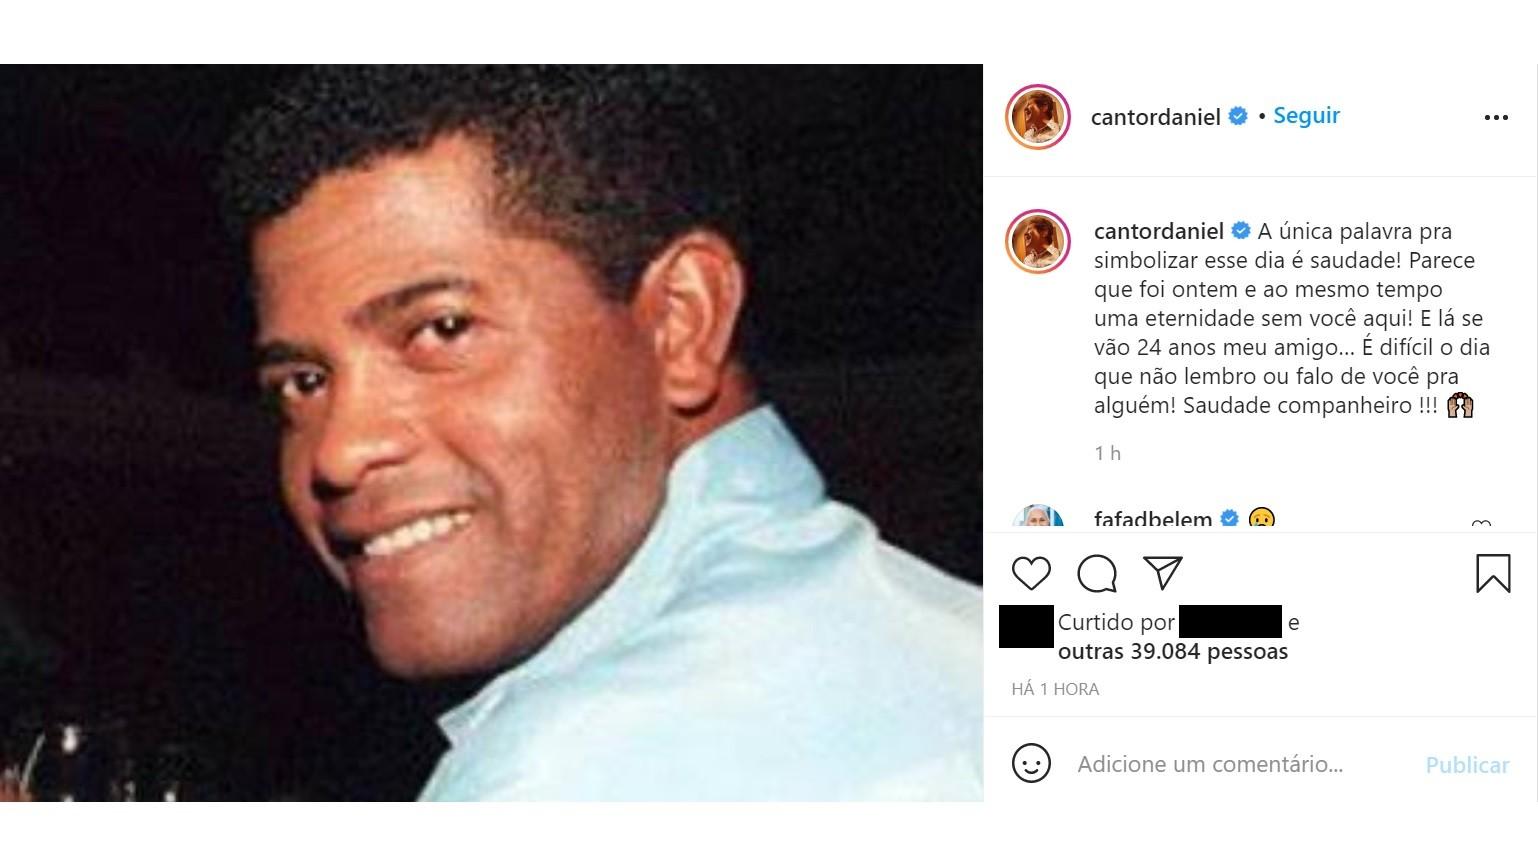 """Daniel homenageia João Paulo, morto há 24 anos: """"Difícil o dia que não lembro"""""""